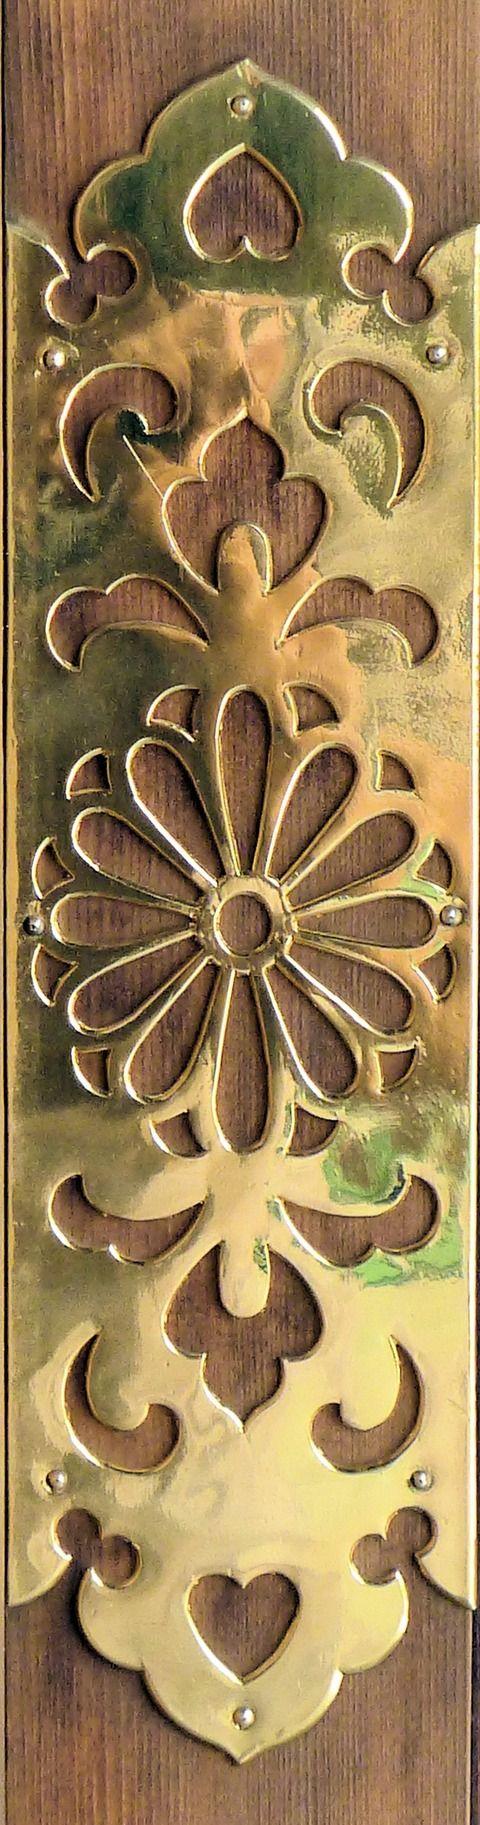 「飾り金具」の画像検索結果